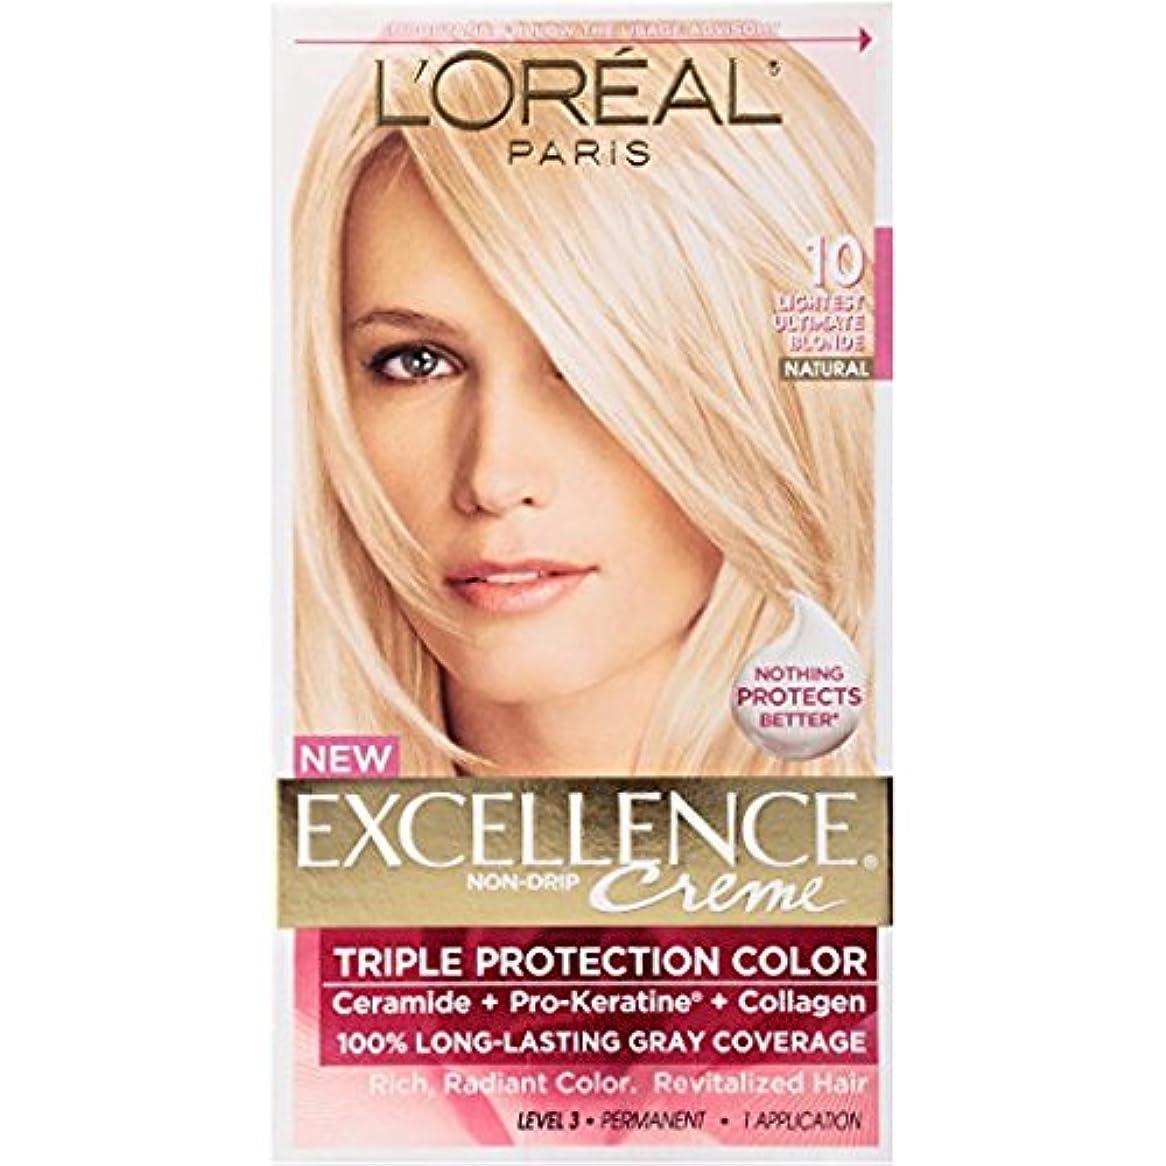 発音する以下州ロレアル L'Oreal Paris Excellence Creme Pro - Keratine 10 Light Ultimate Blonde ブロンド ヘアダイ [並行輸入品]